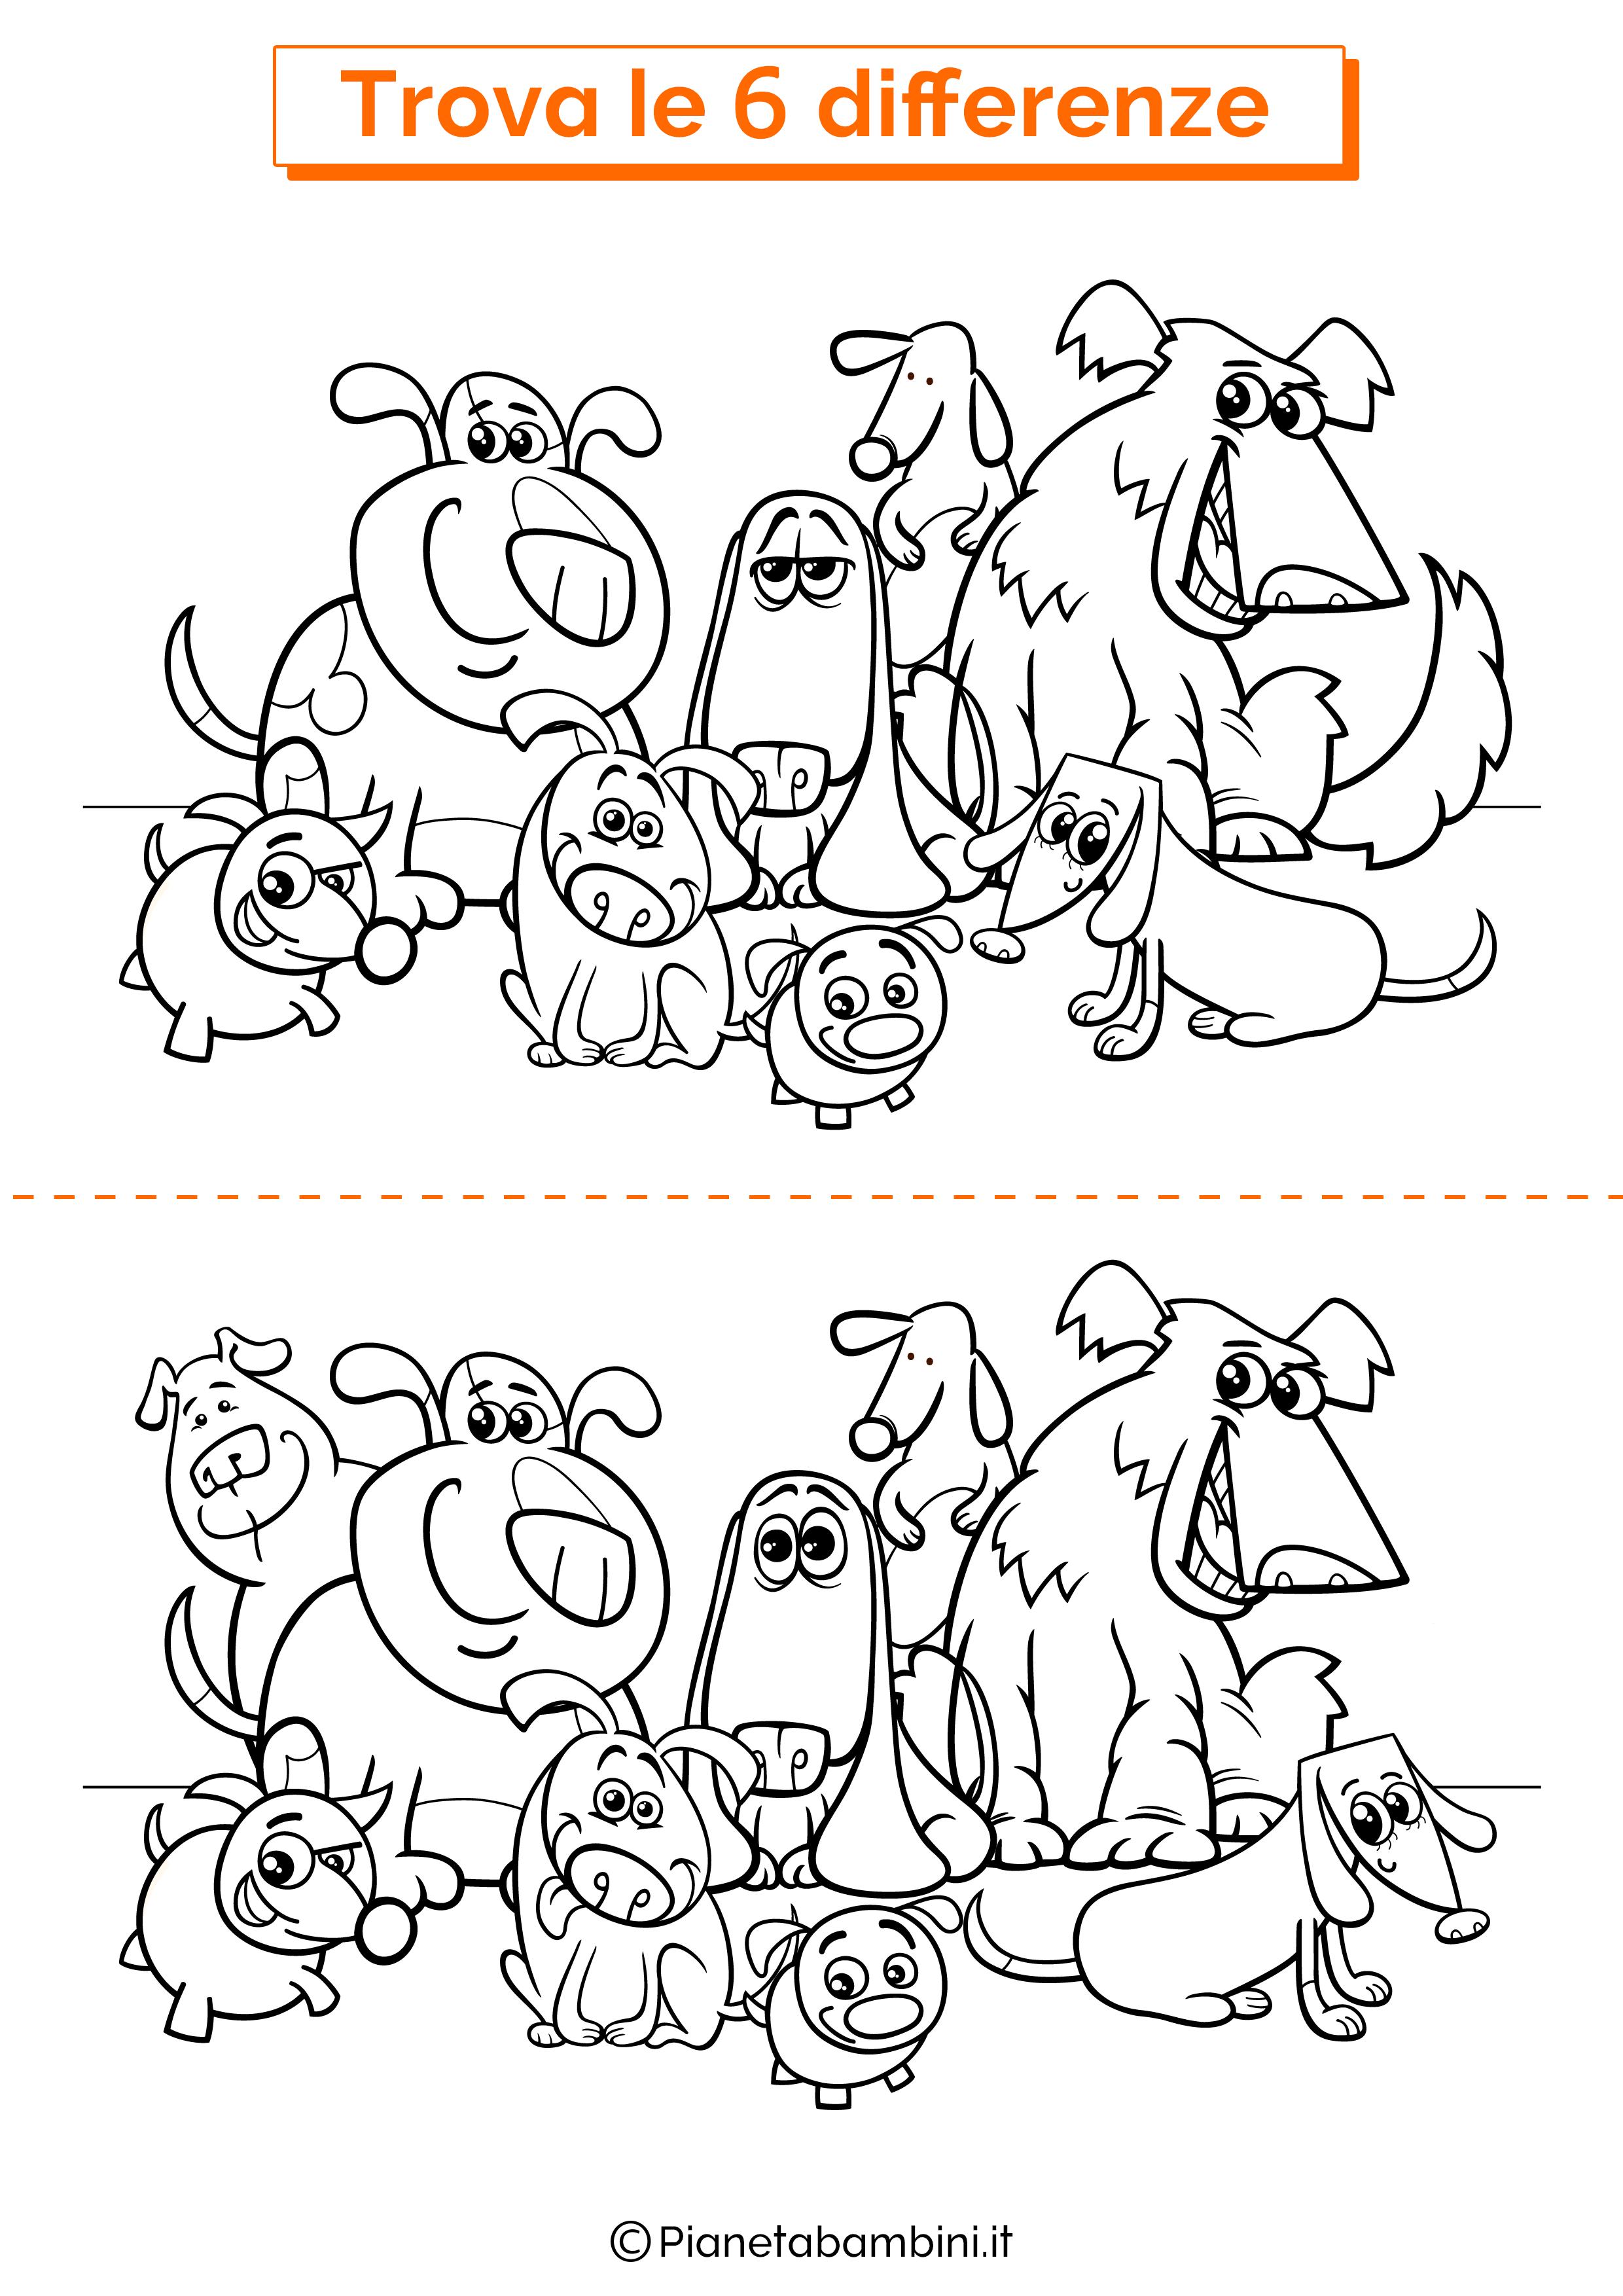 Disegno trova 6 differenze cani simpatici